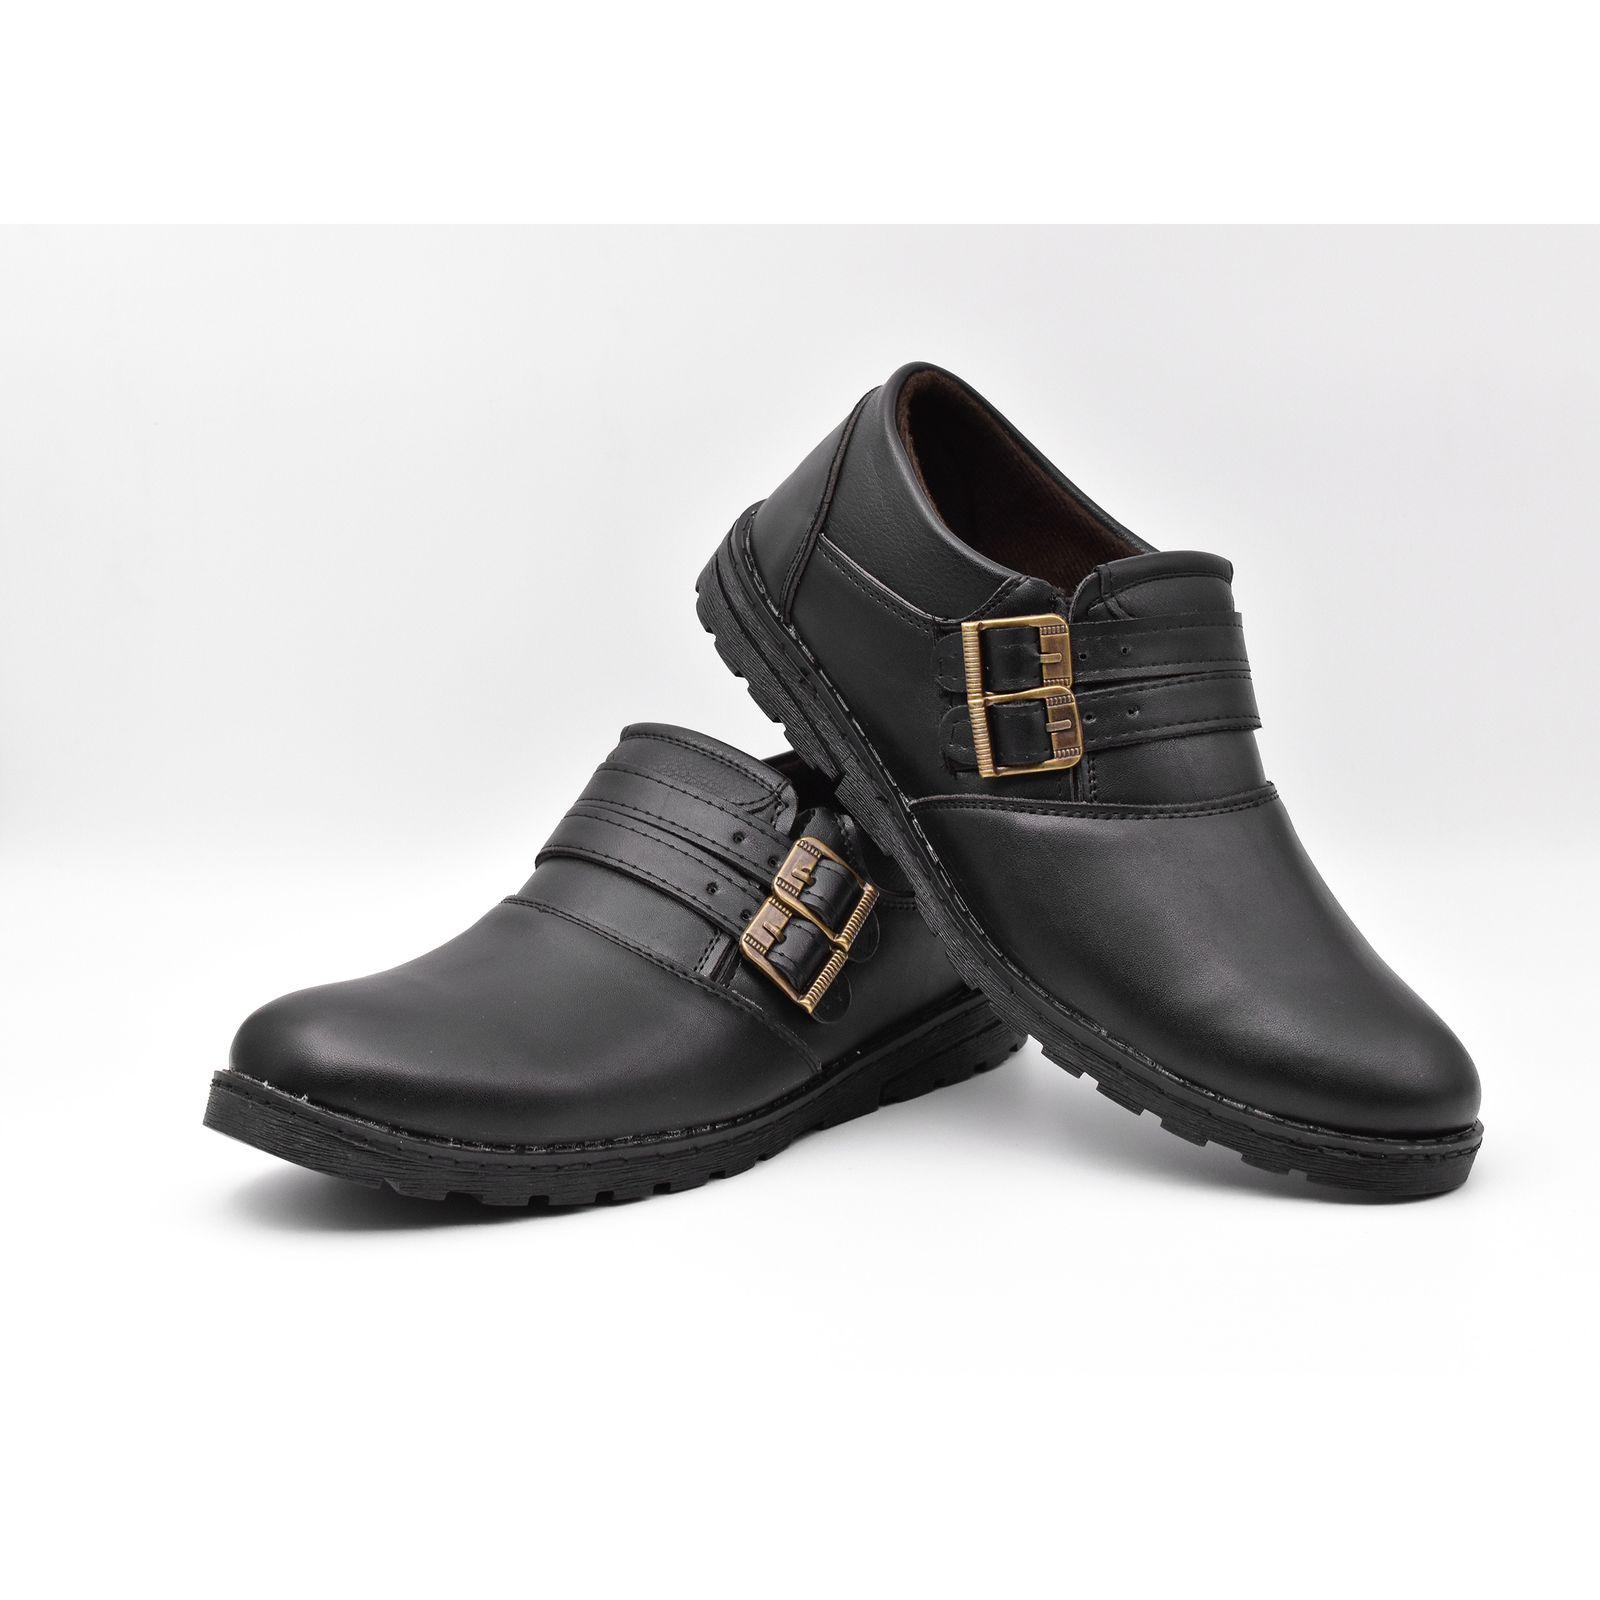 کفش روزمره مردانه مدل سگار کد JA6091 -  - 4